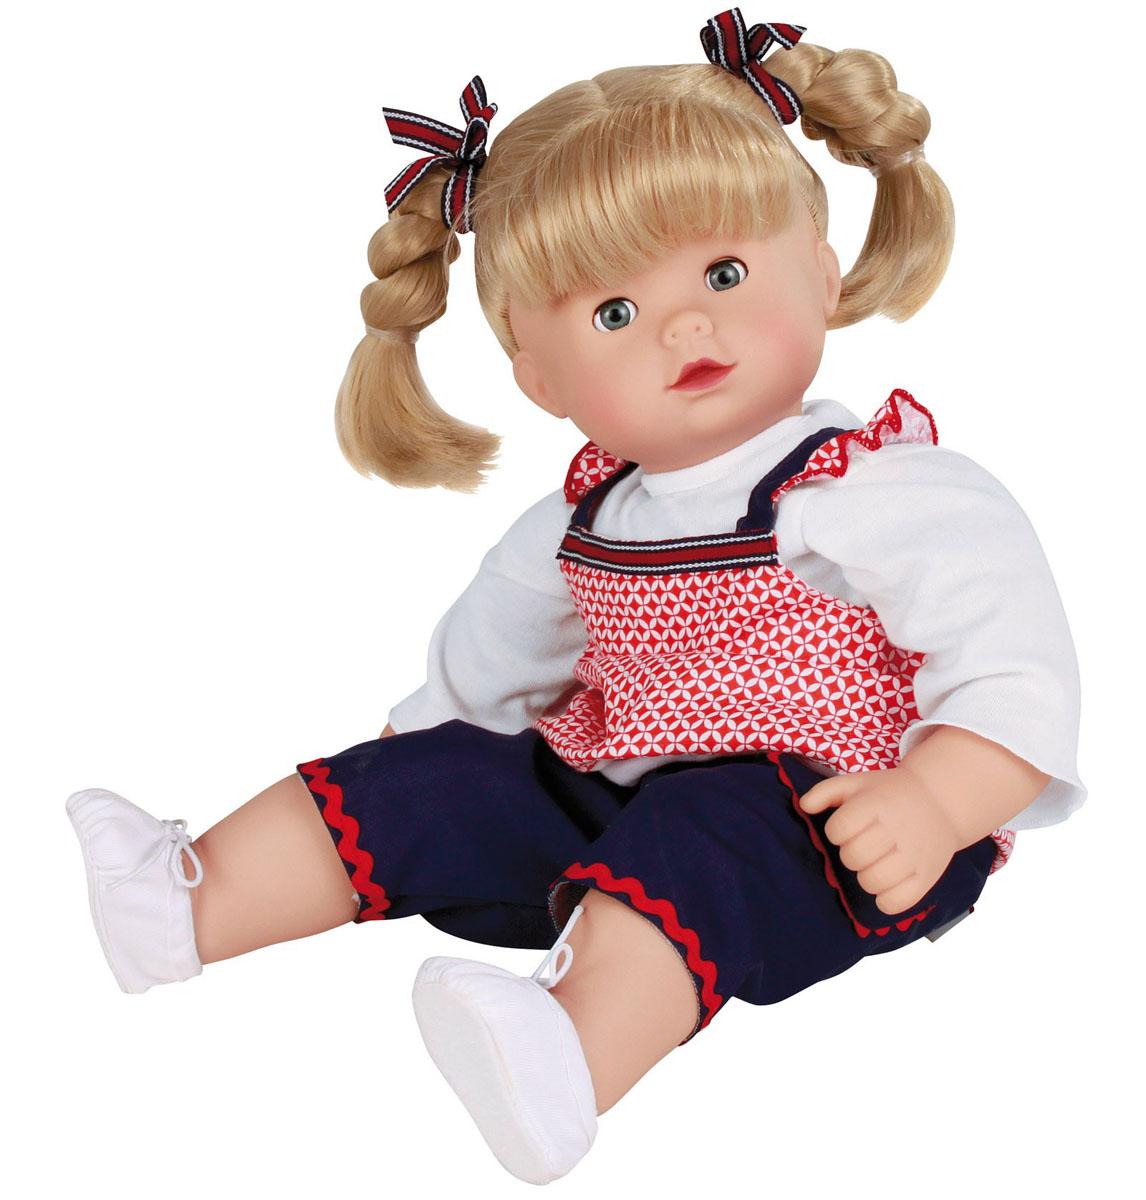 Gotz Кукла Макси-маффин gotz пупс макси маффин в розовом костюме